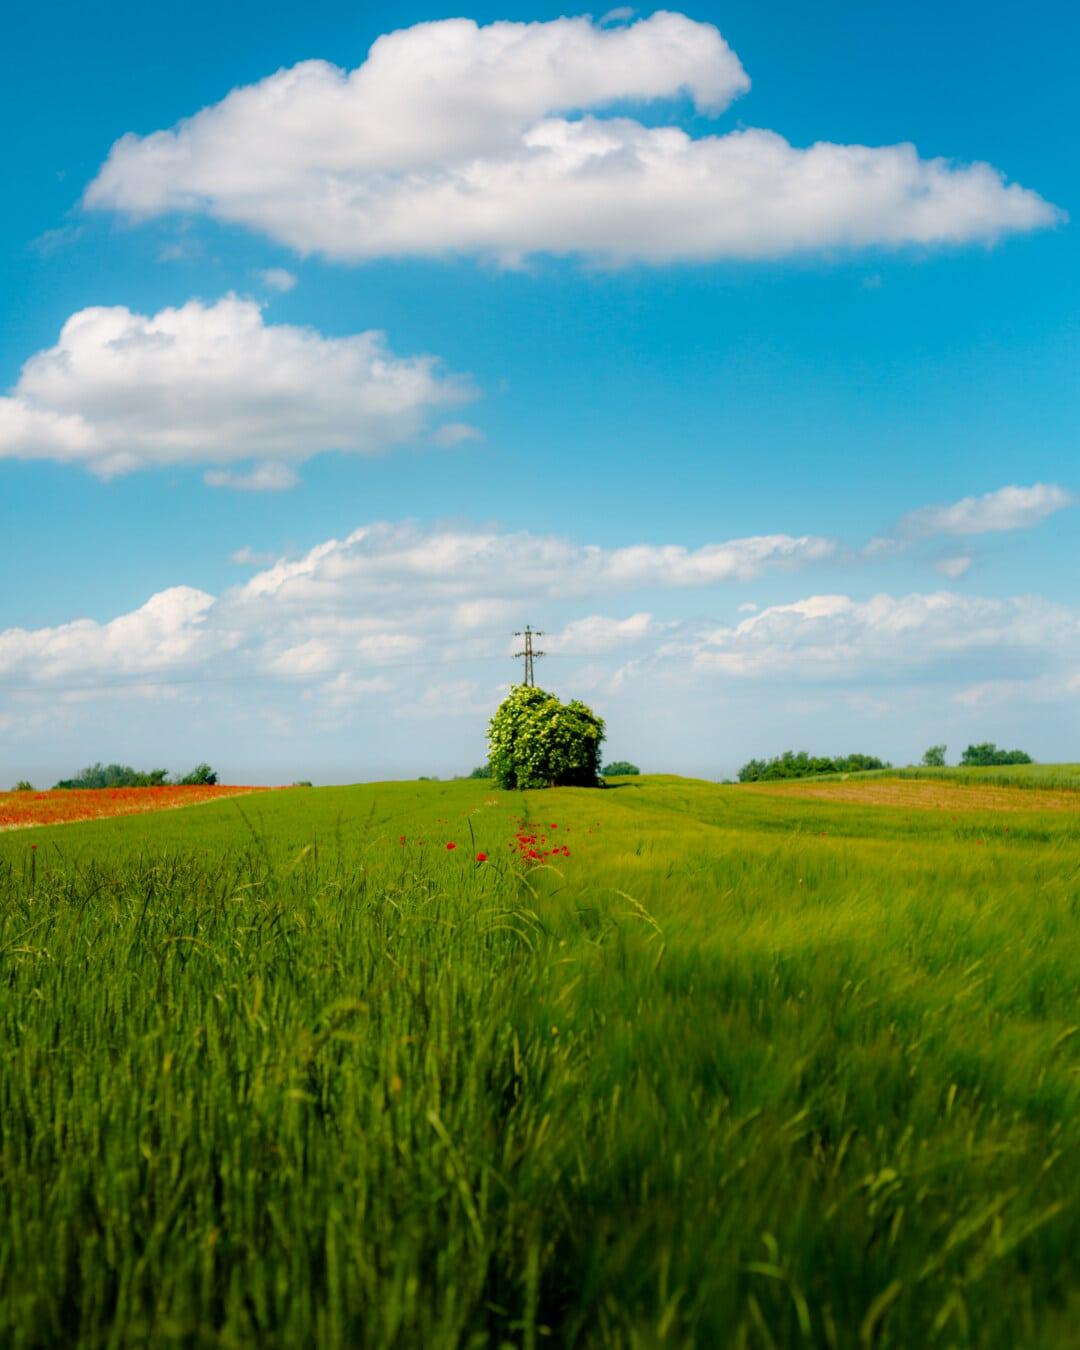 Weizenfeld, idyllisch, Perspektive, Roggen, des ländlichen Raums, Wiese, Feld, Getreide, Landschaft, Weizen